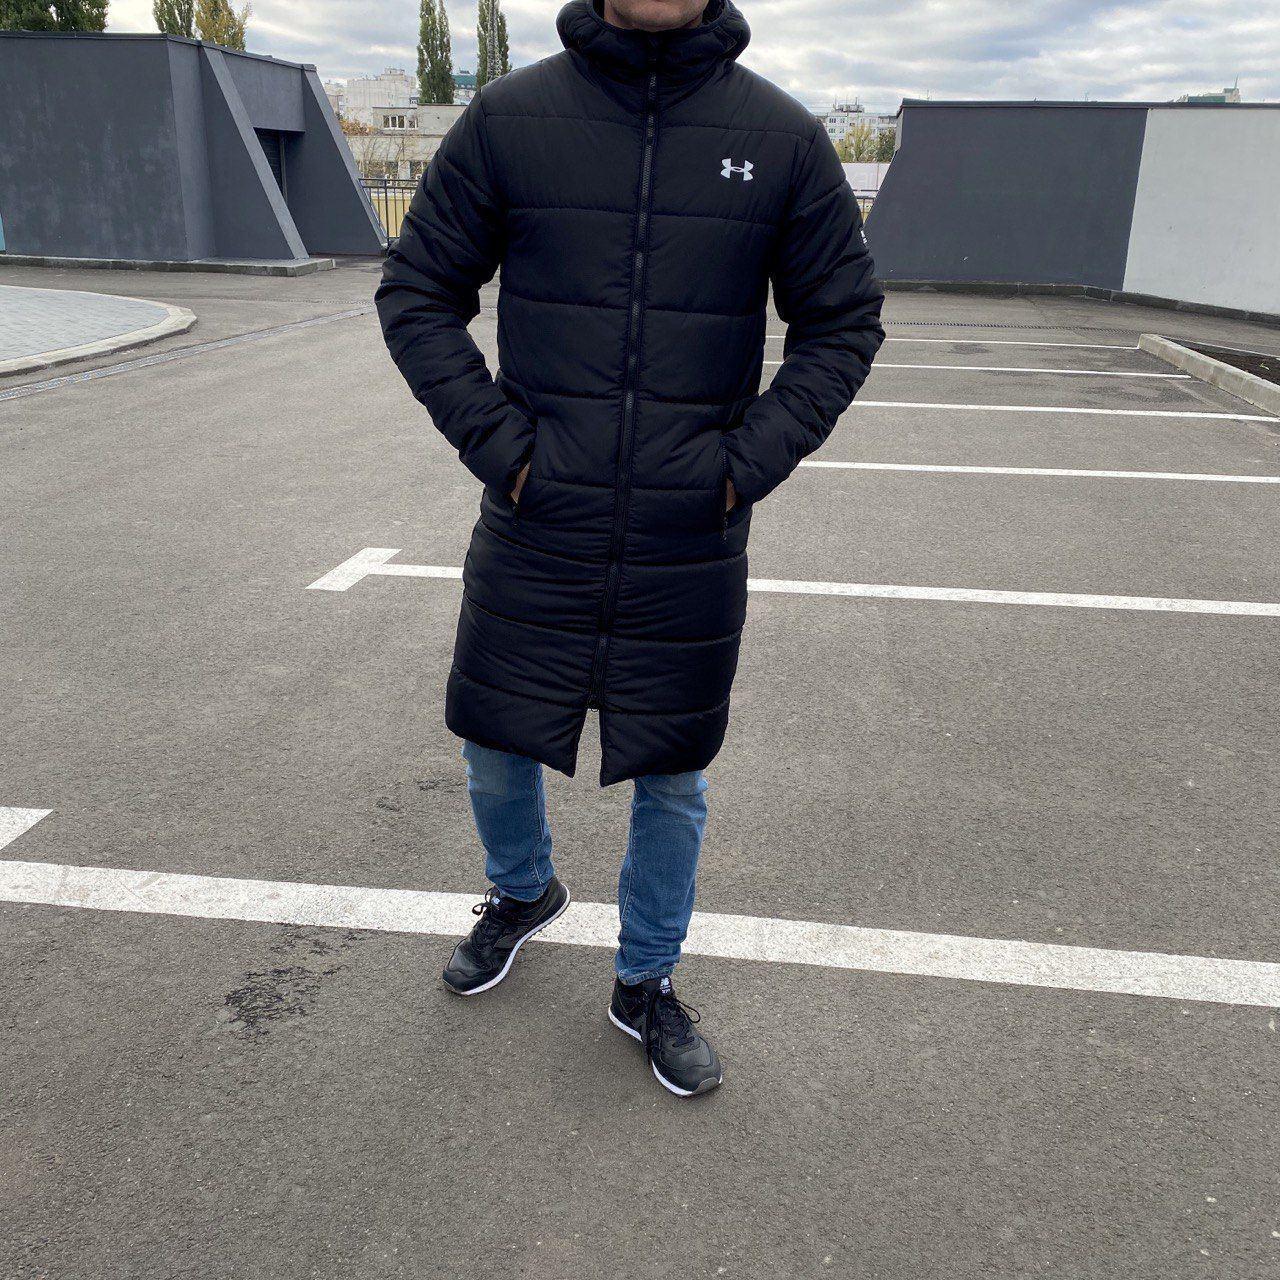 Подовжена зимова чоловіча куртка, пальто Warmth